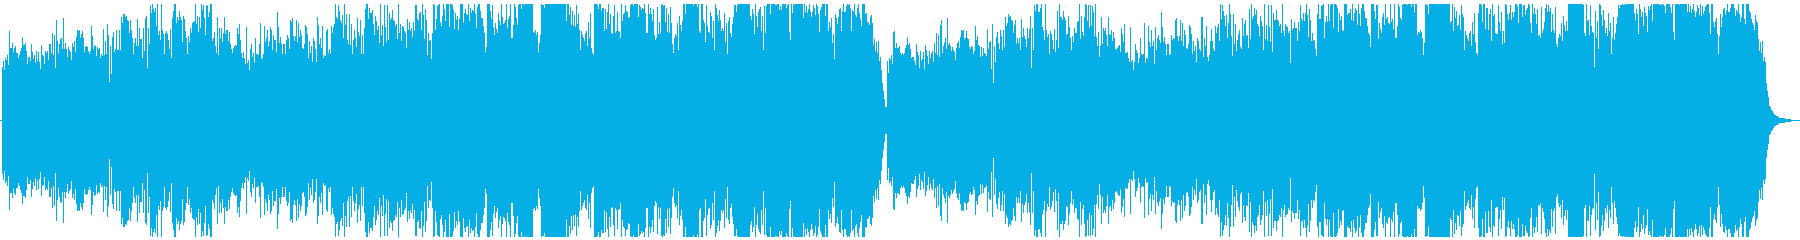 ほのぼのとしたトラッドの再生済みの波形